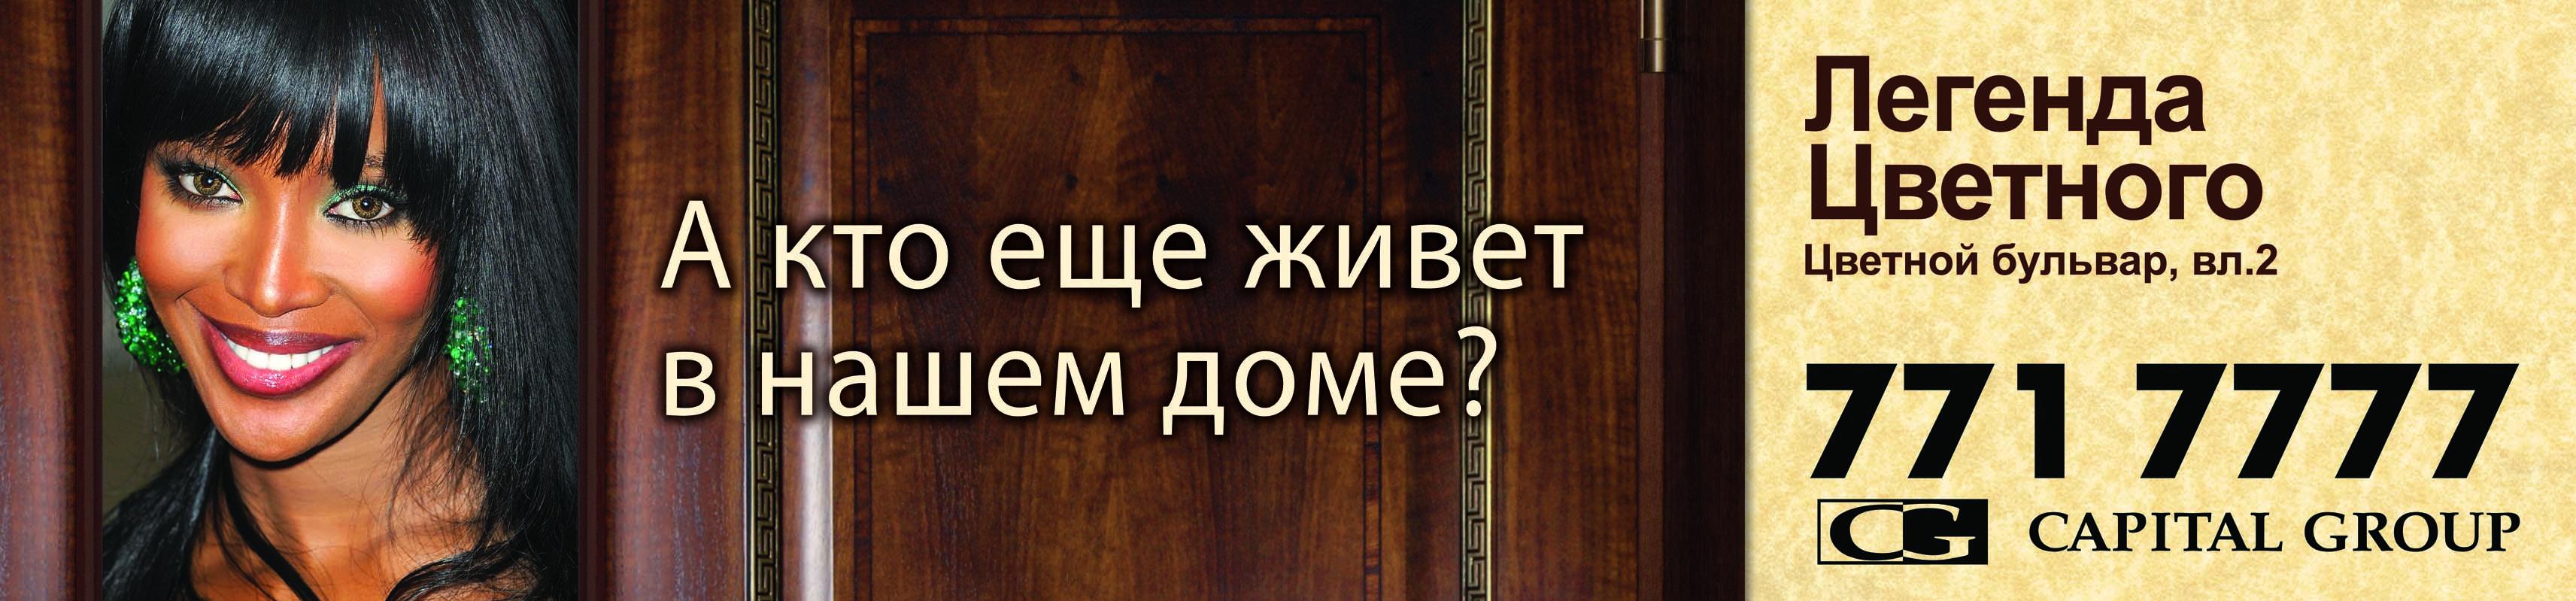 Legend of Tsvetnoy — копия